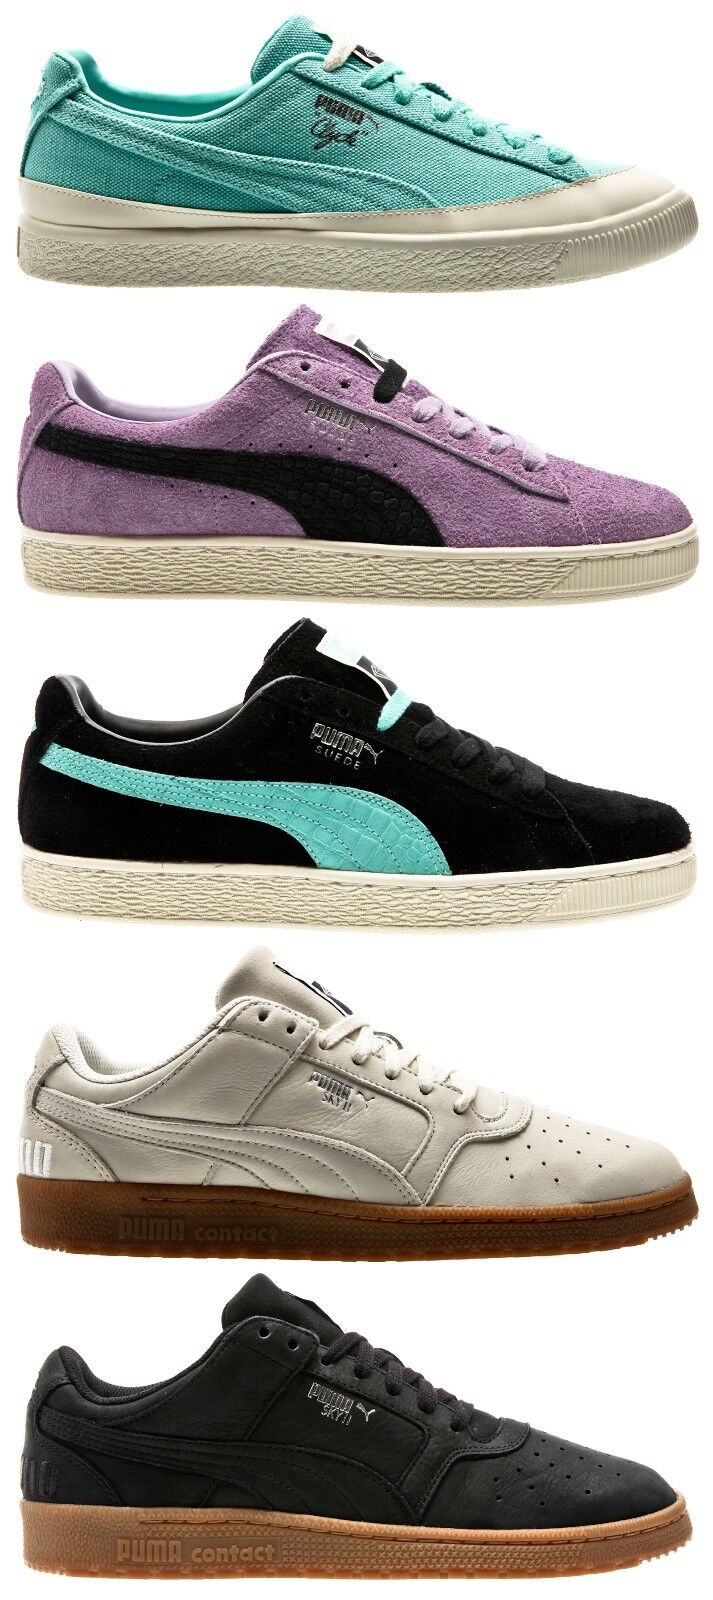 Puma x Diamond Clyde Sky II Suede Hombre Zapatos Sneaker caballero Zapatos  Zapatos Hombre 95e9b1